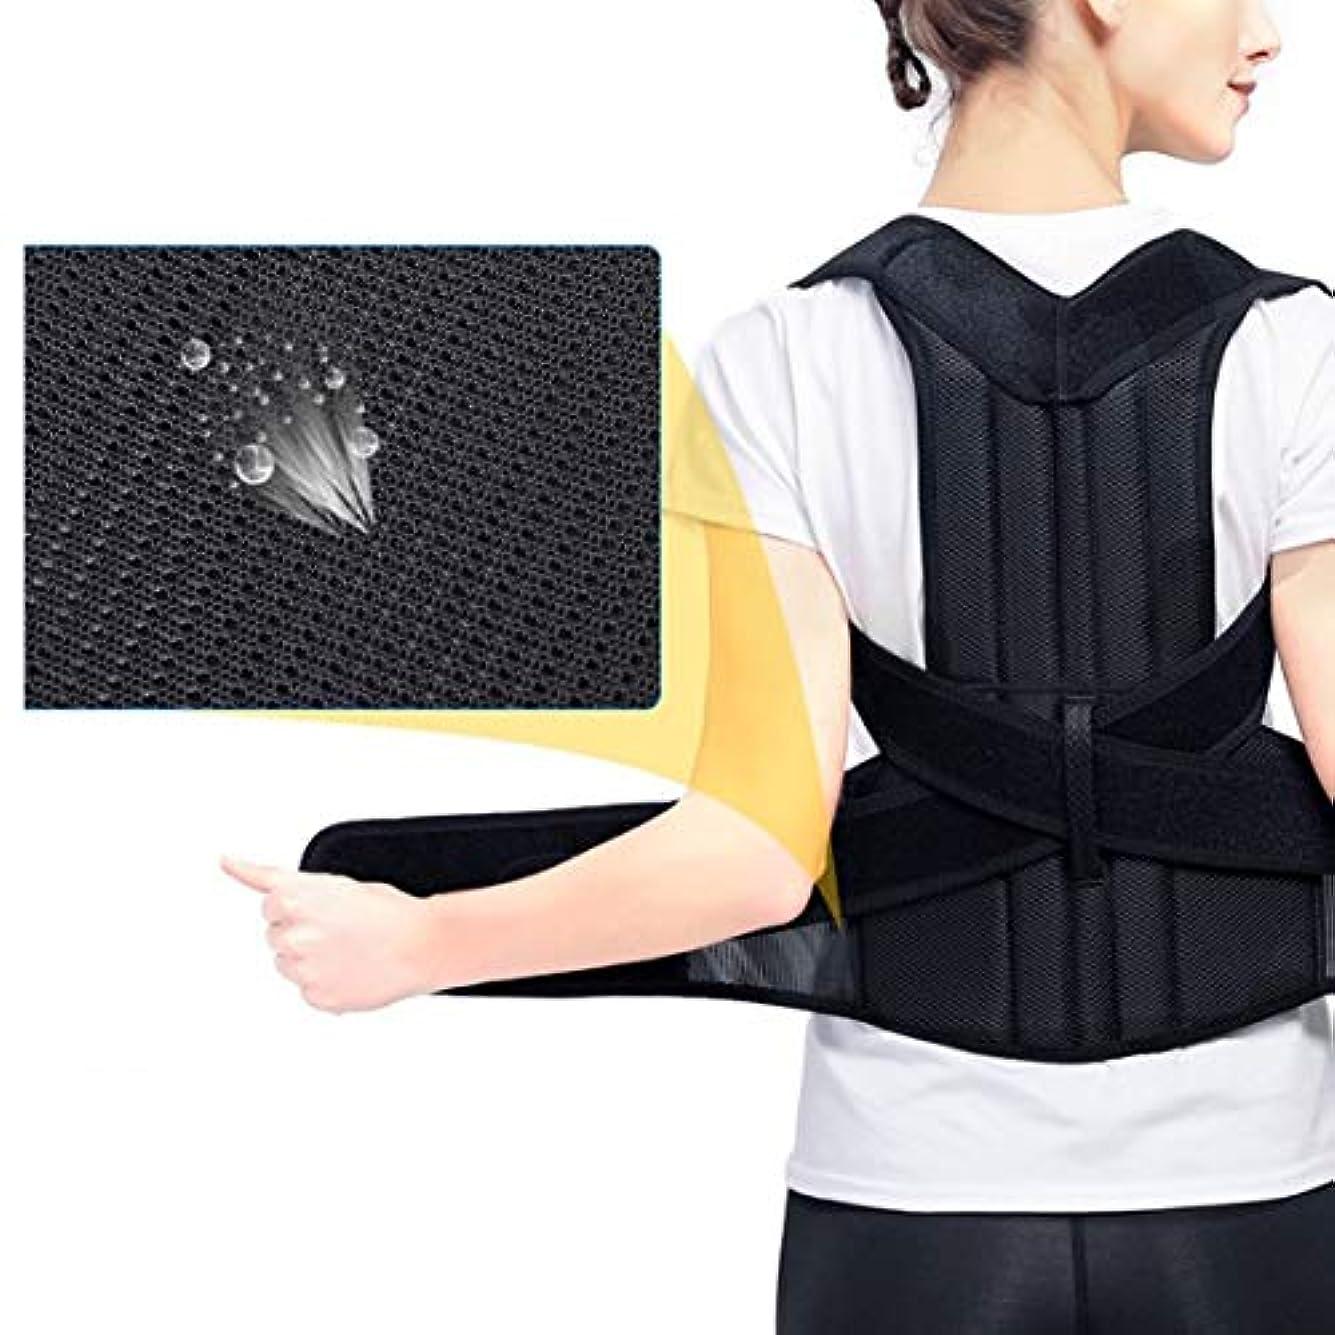 はっきりとハッピーいらいらする腰椎矯正バックブレース背骨装具側弯症腰椎サポート脊椎湾曲装具固定用姿勢 - 黒